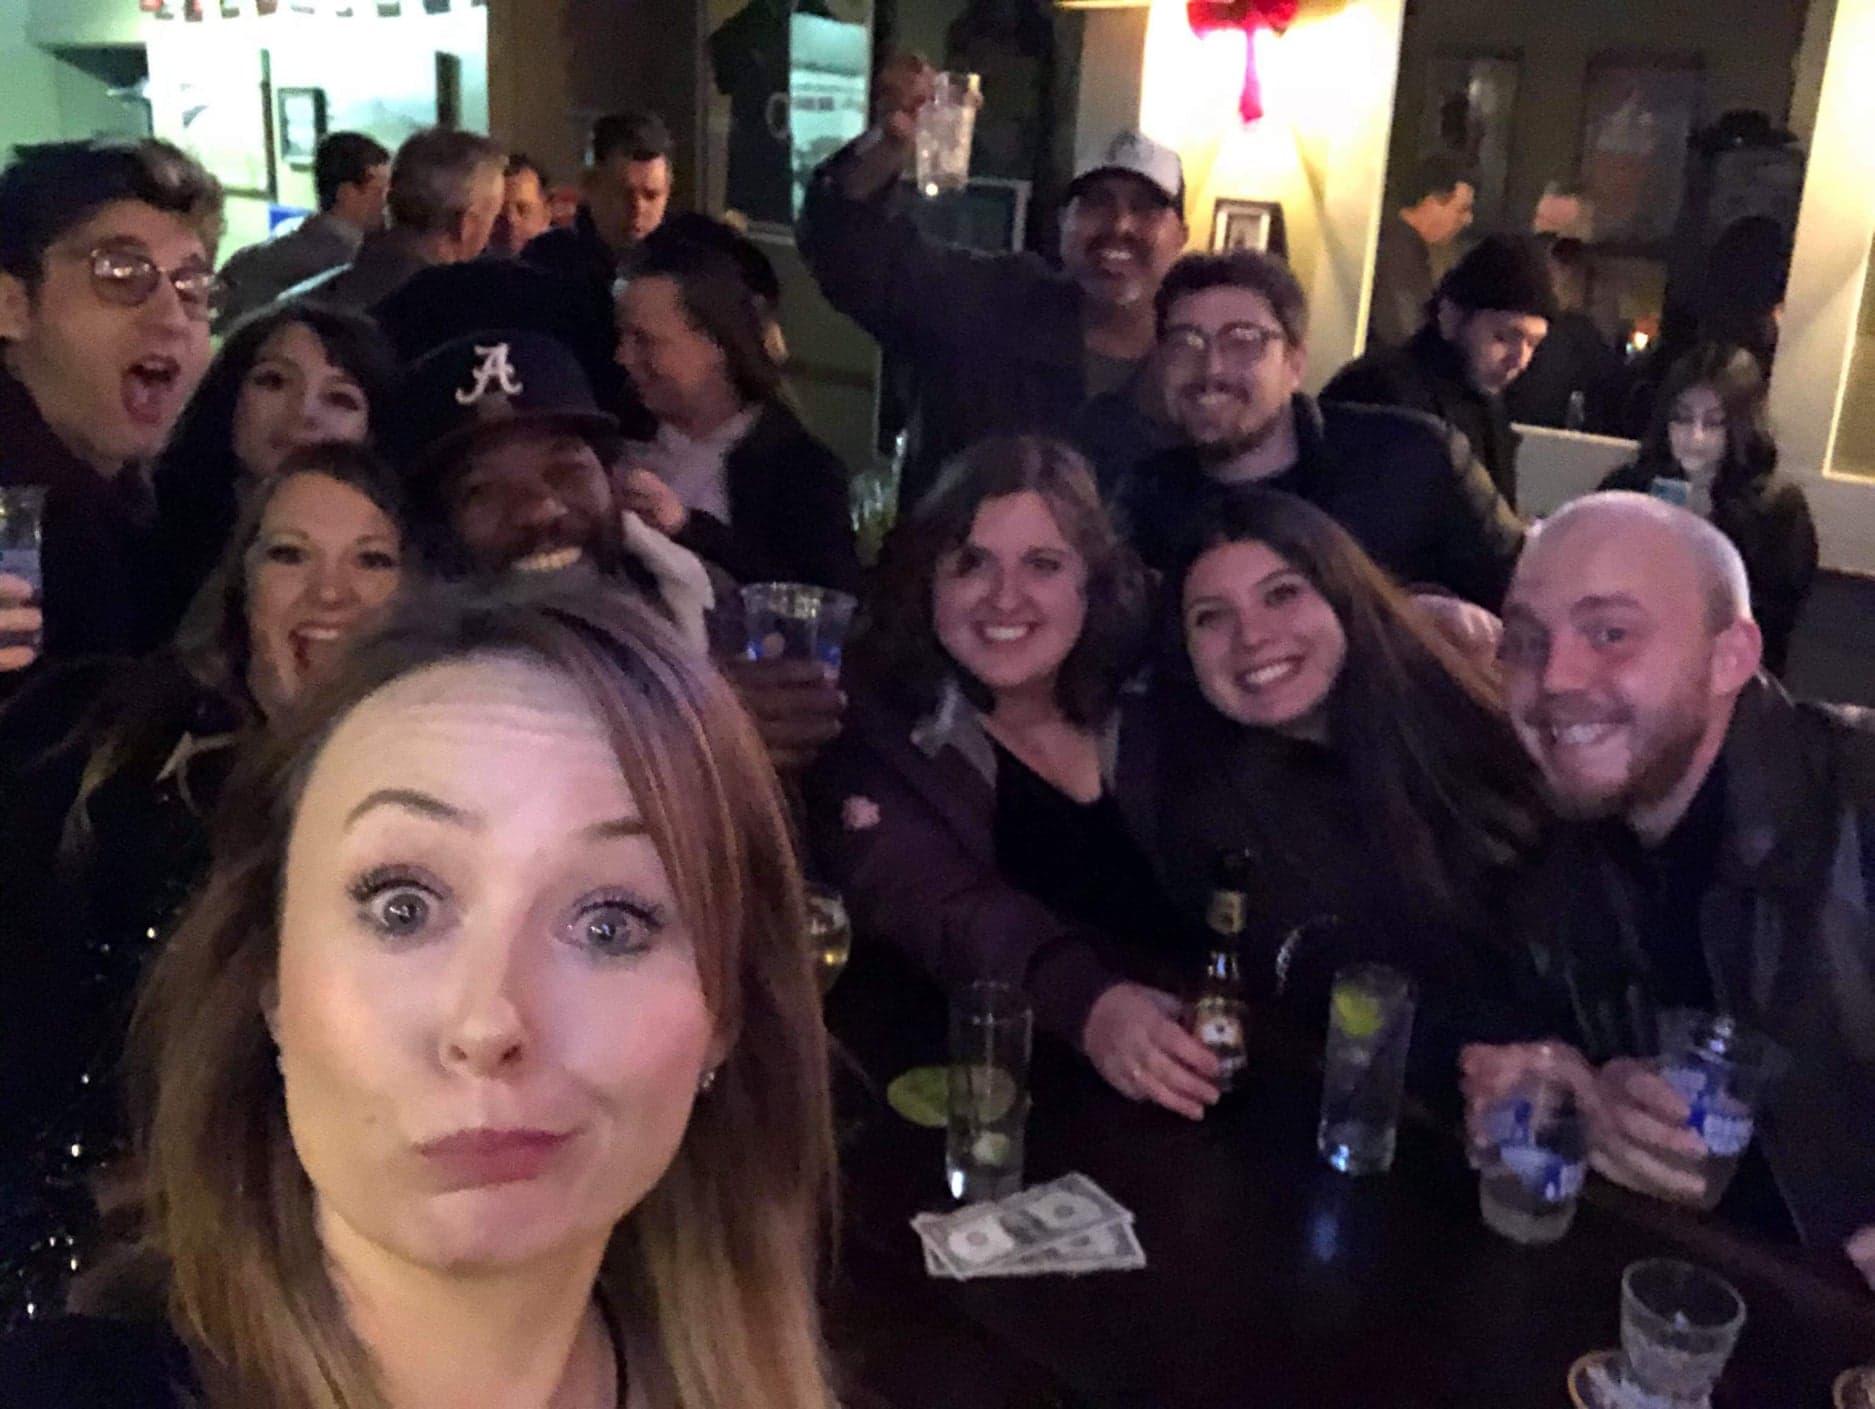 Tara selfie queen